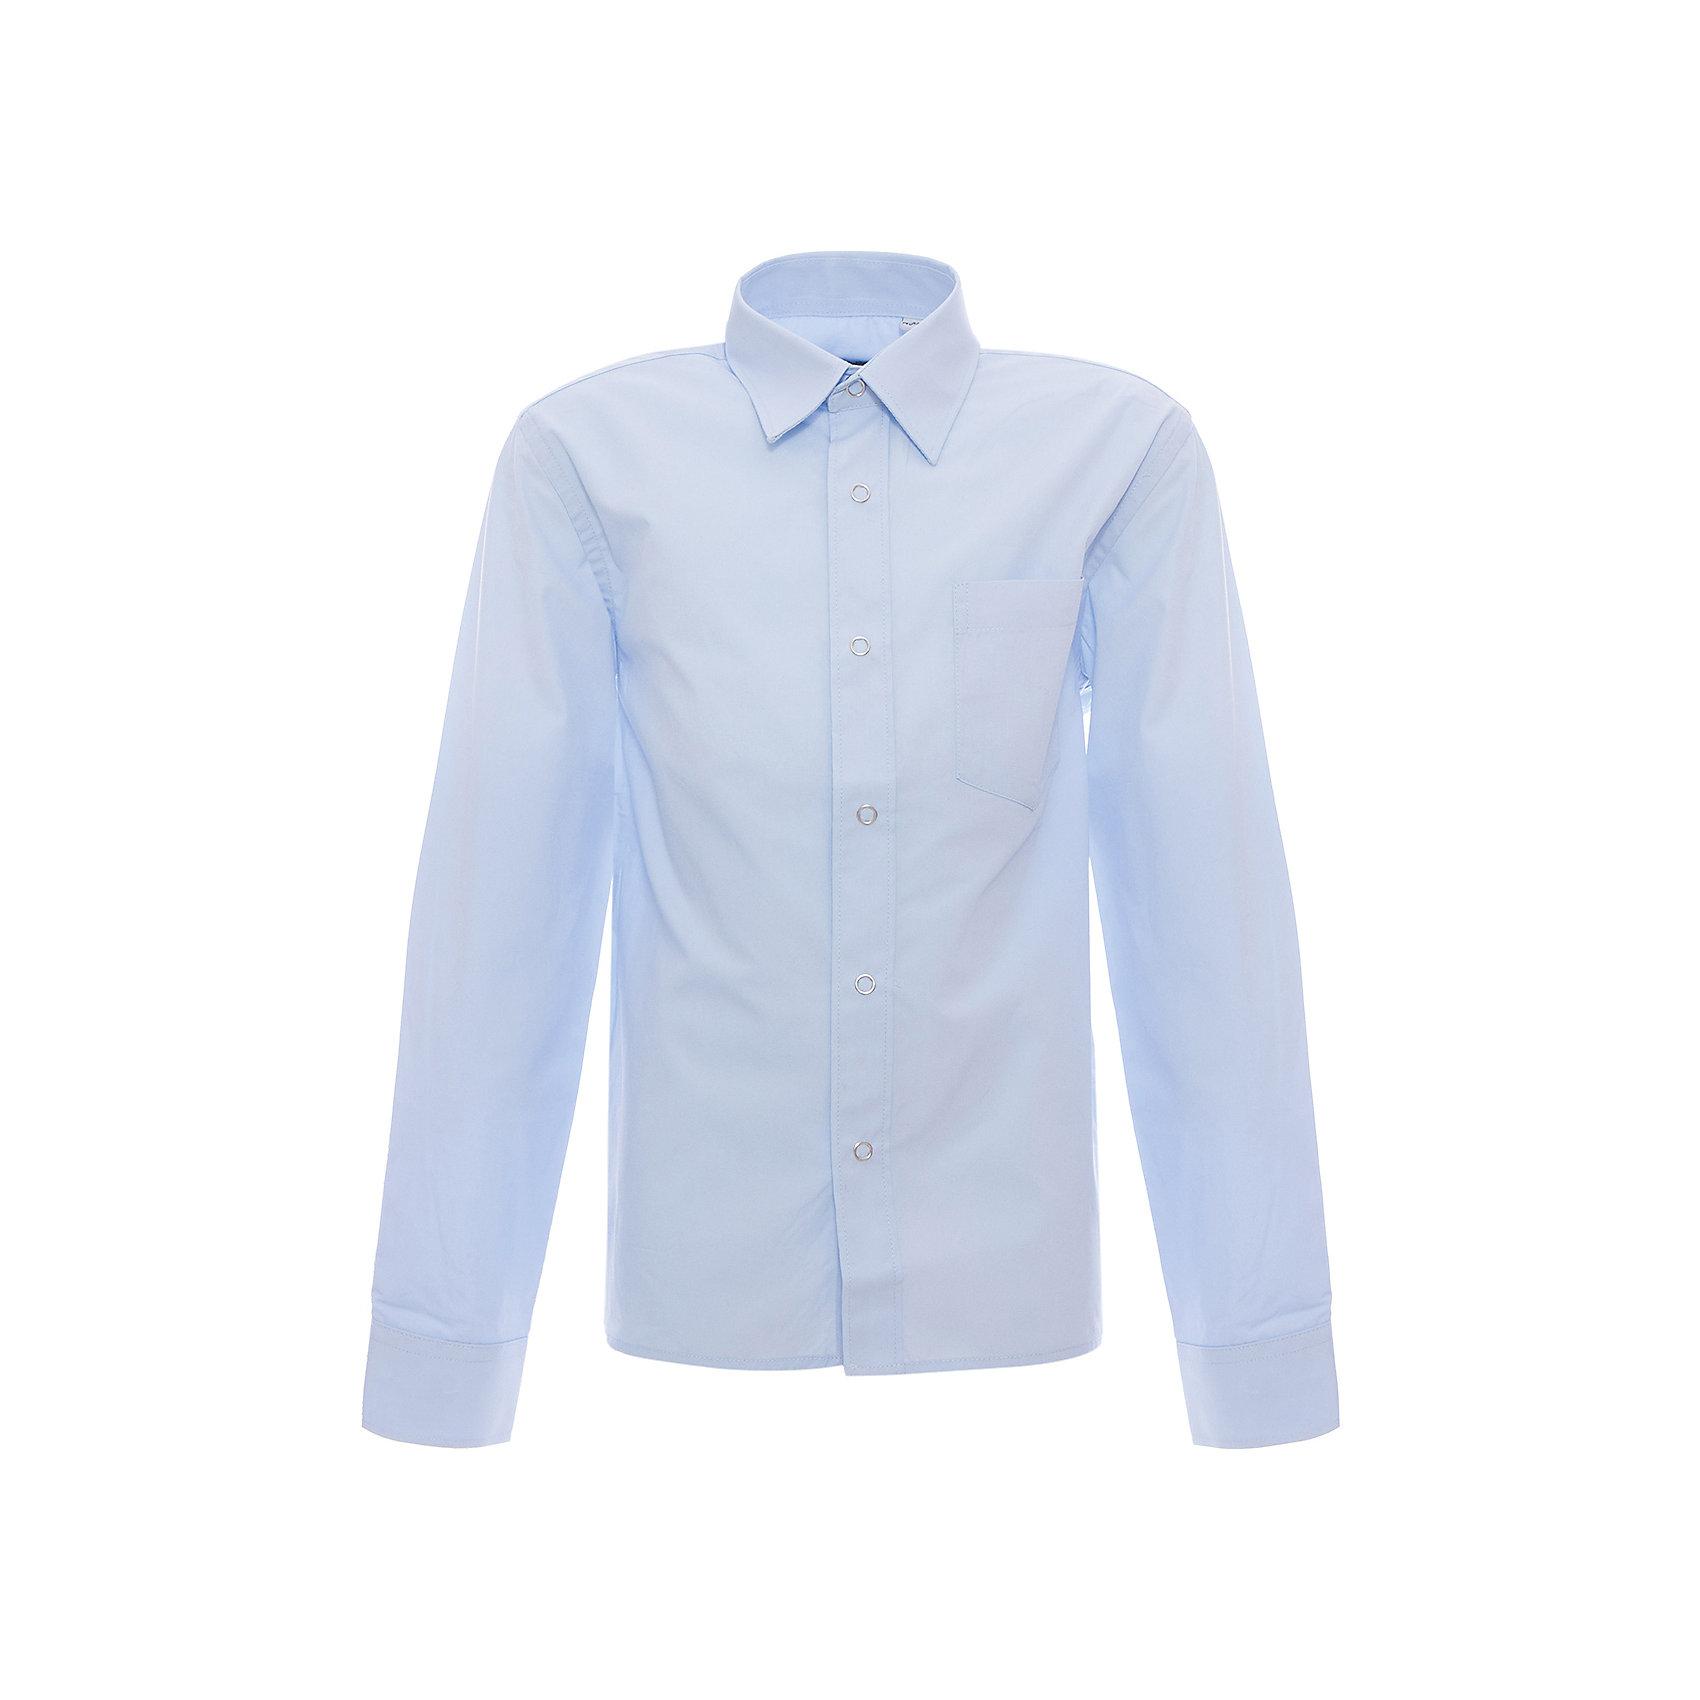 Рубашка CLASSIC для мальчика SkylakeБлузки и рубашки<br>Сорочка детская для мальчика<br>Состав:<br>80% хлопок, 20% п/э<br><br>Ширина мм: 174<br>Глубина мм: 10<br>Высота мм: 169<br>Вес г: 157<br>Цвет: голубой<br>Возраст от месяцев: 84<br>Возраст до месяцев: 96<br>Пол: Мужской<br>Возраст: Детский<br>Размер: 128,134,140,146,152,158,122<br>SKU: 6772695